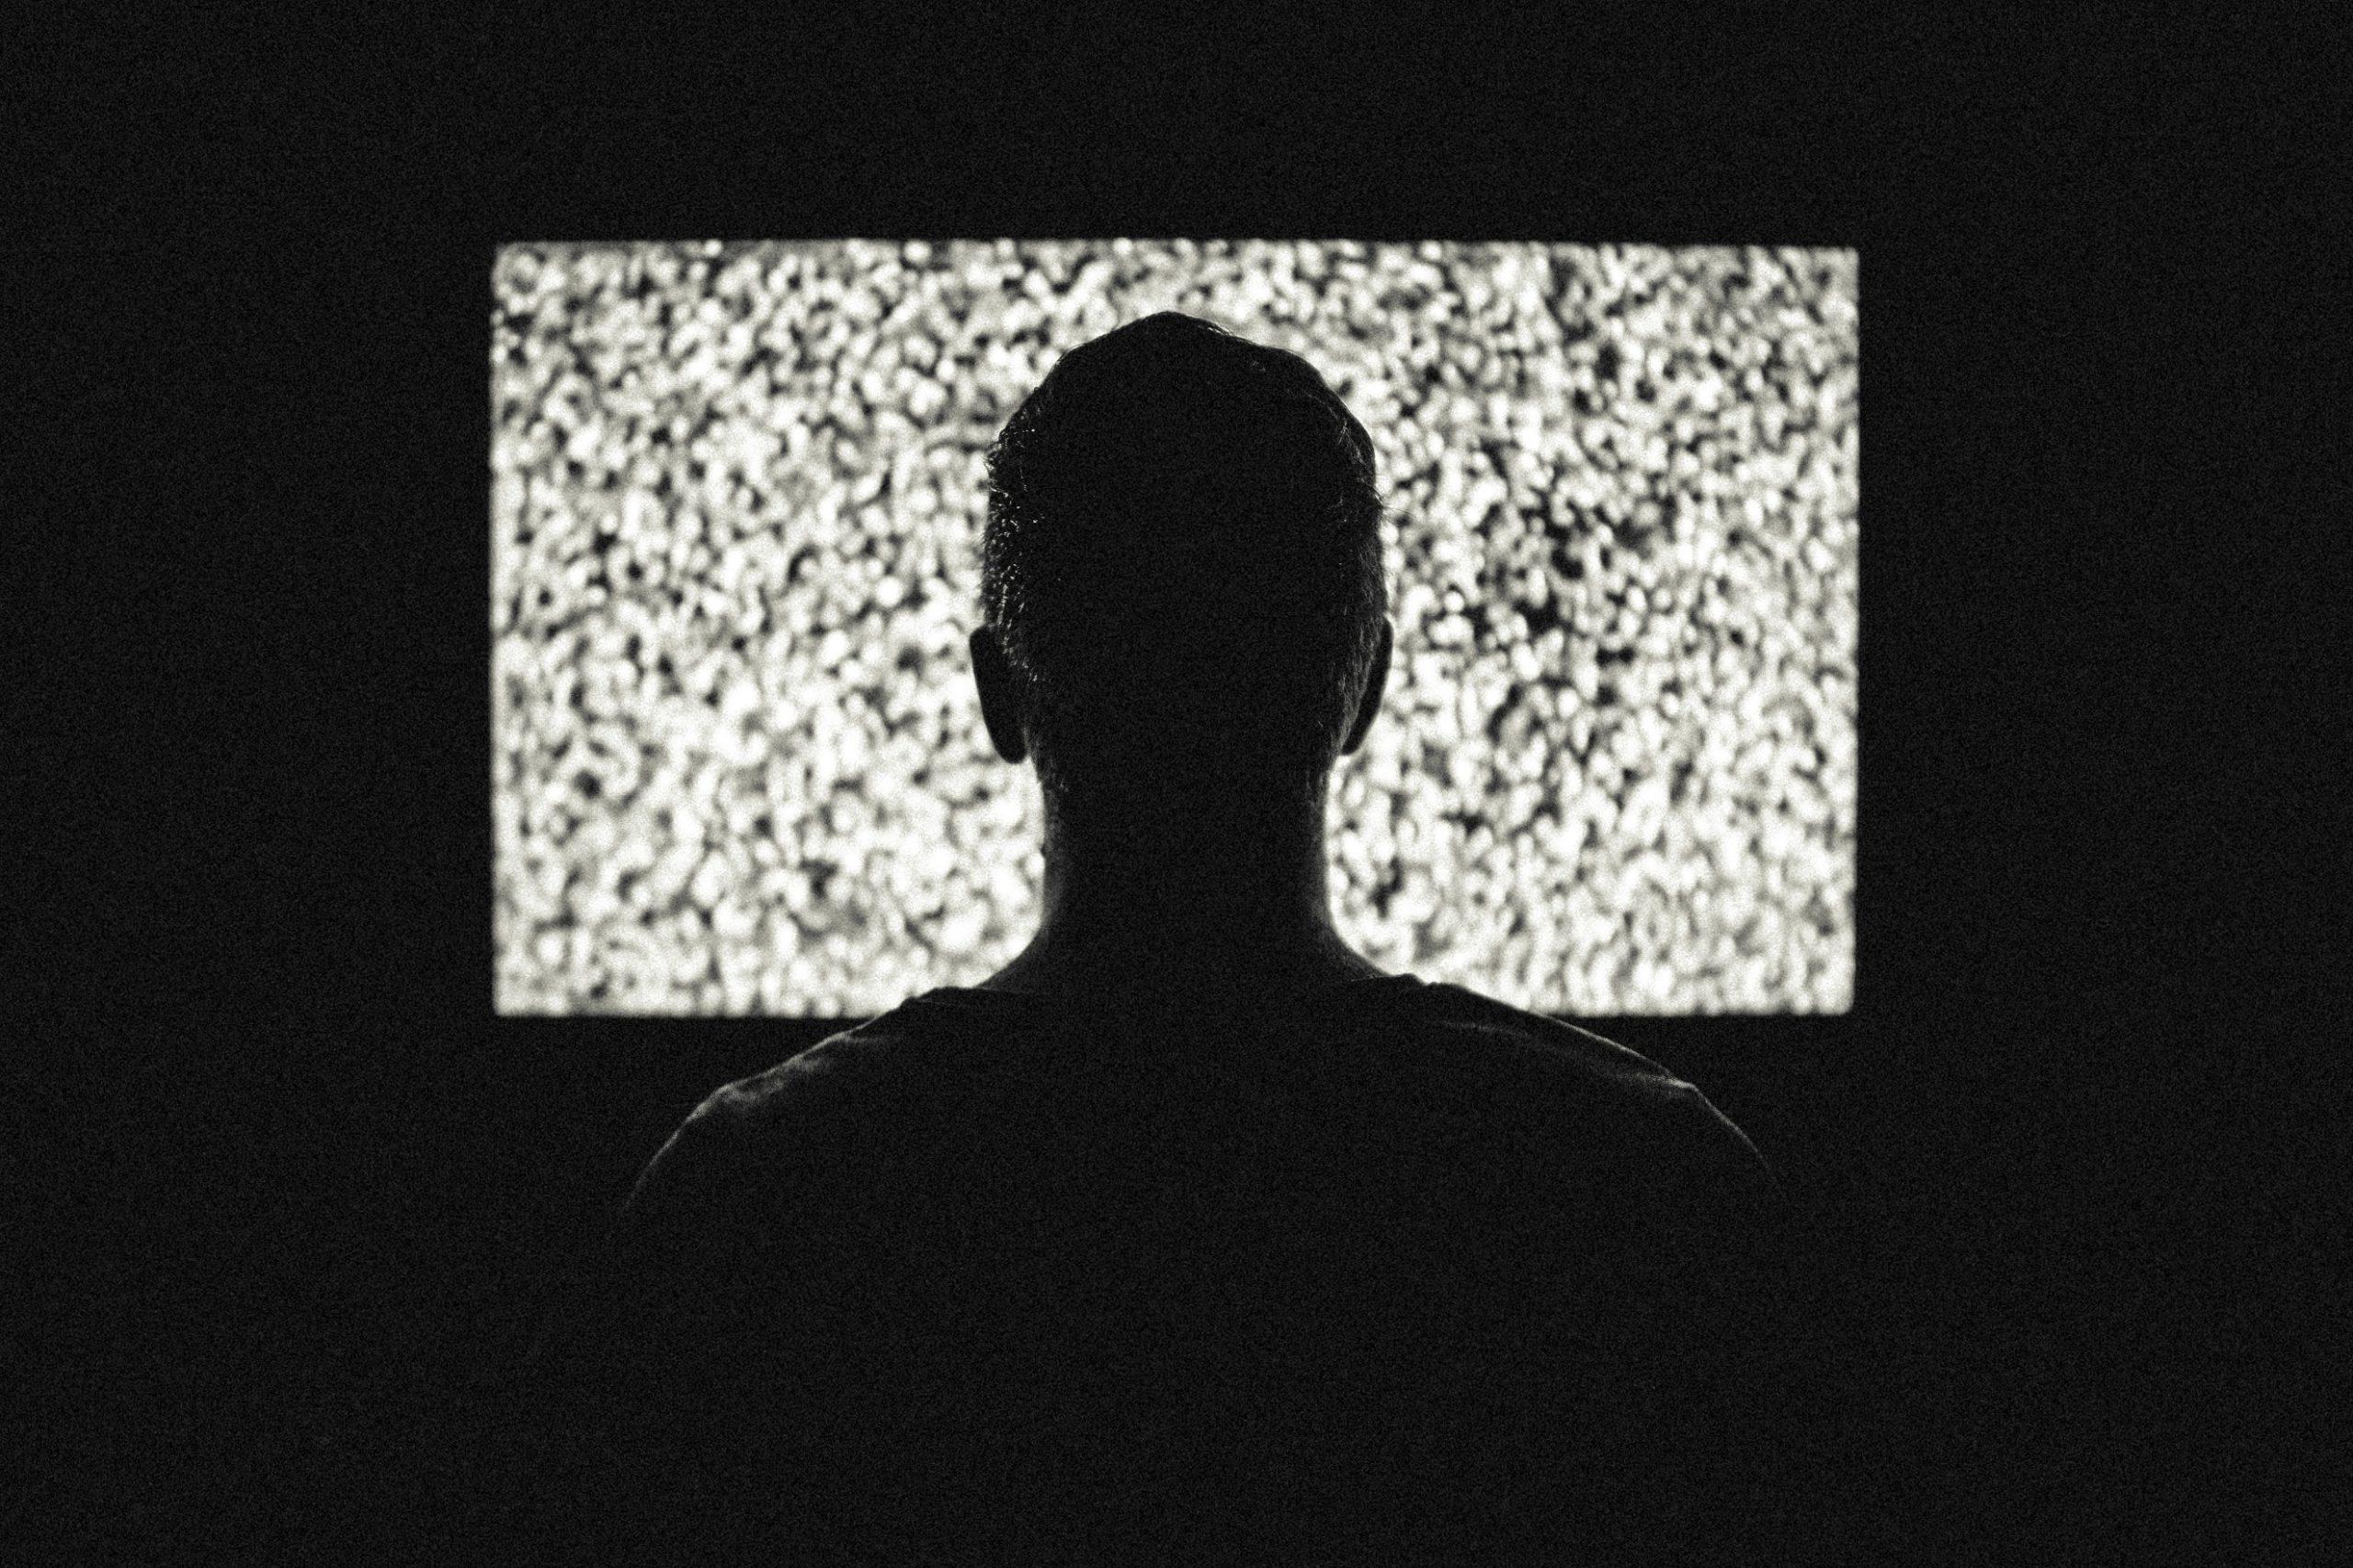 14 Tipps für eine gelungene Videokonferenz